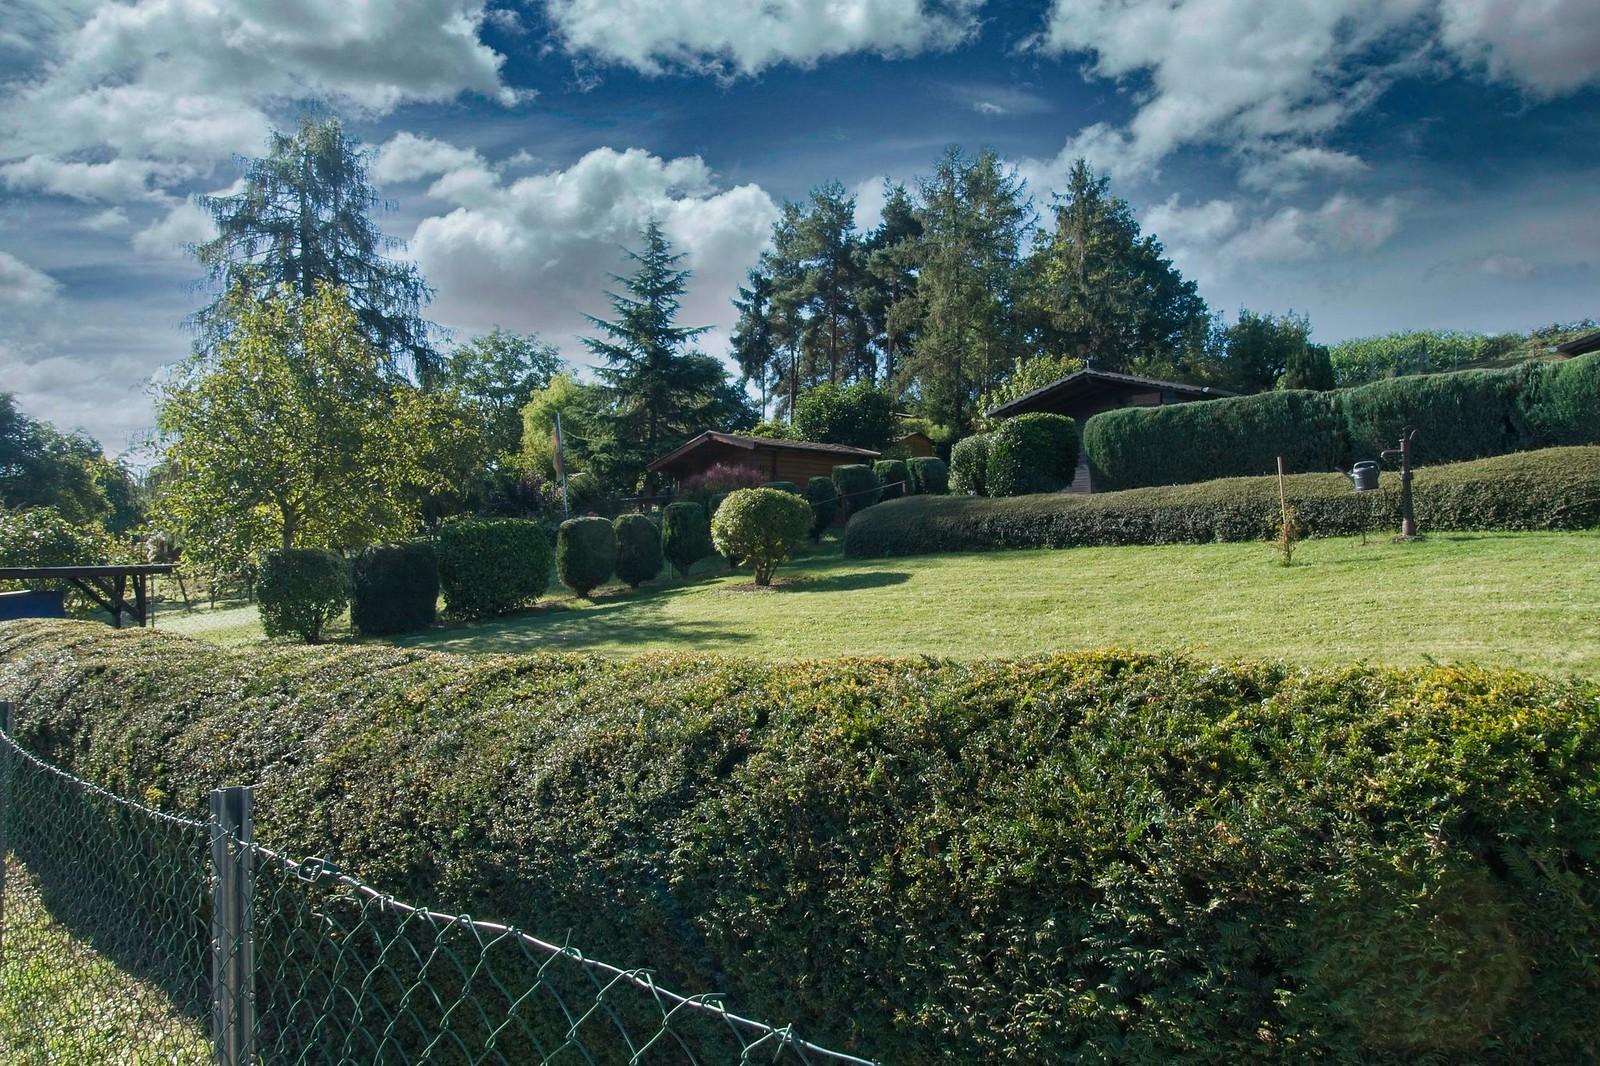 Laubengrundstücke bei Hattenheim (mit künstlichen Wolken)